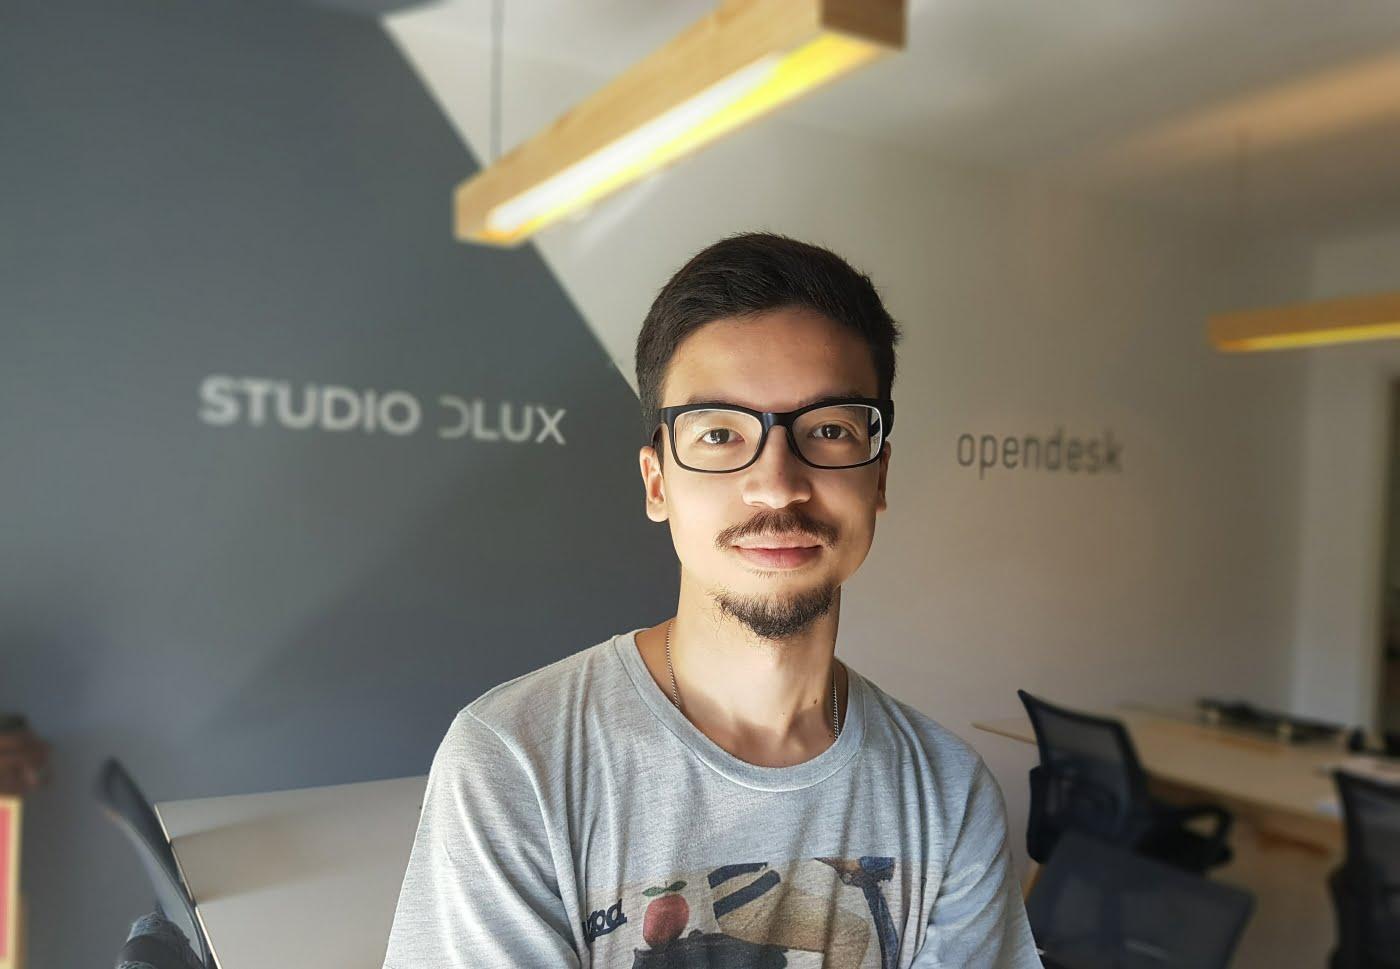 Denis, da Studio dLux, conta como seu business amadureceu, e ramificou-se, nos últimos dois anos.